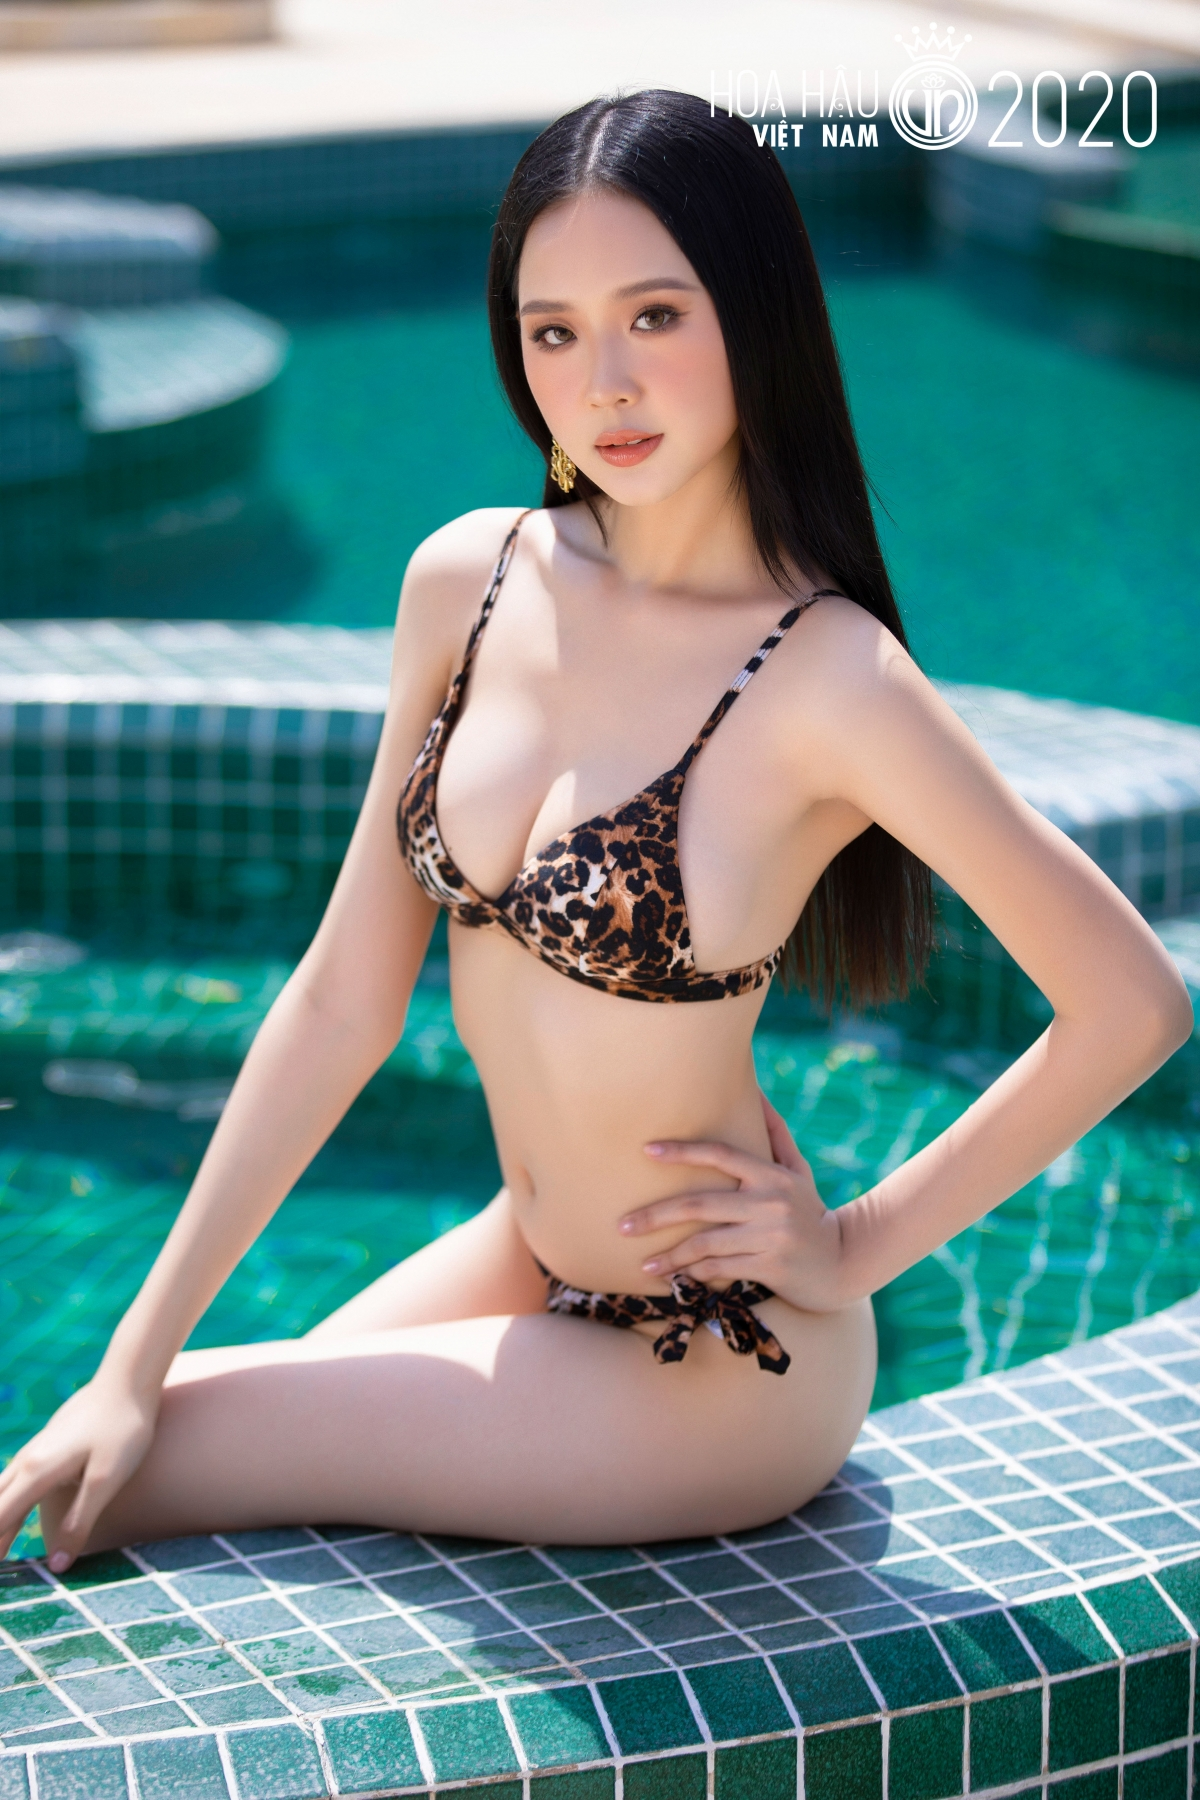 Những màn trình diễn của các thí sinh Hoa hậu Việt Nam 2020 tại đêm Bán kết toàn quốc đã để lại dấu ấn sâu sắc trong lòng khán giả.